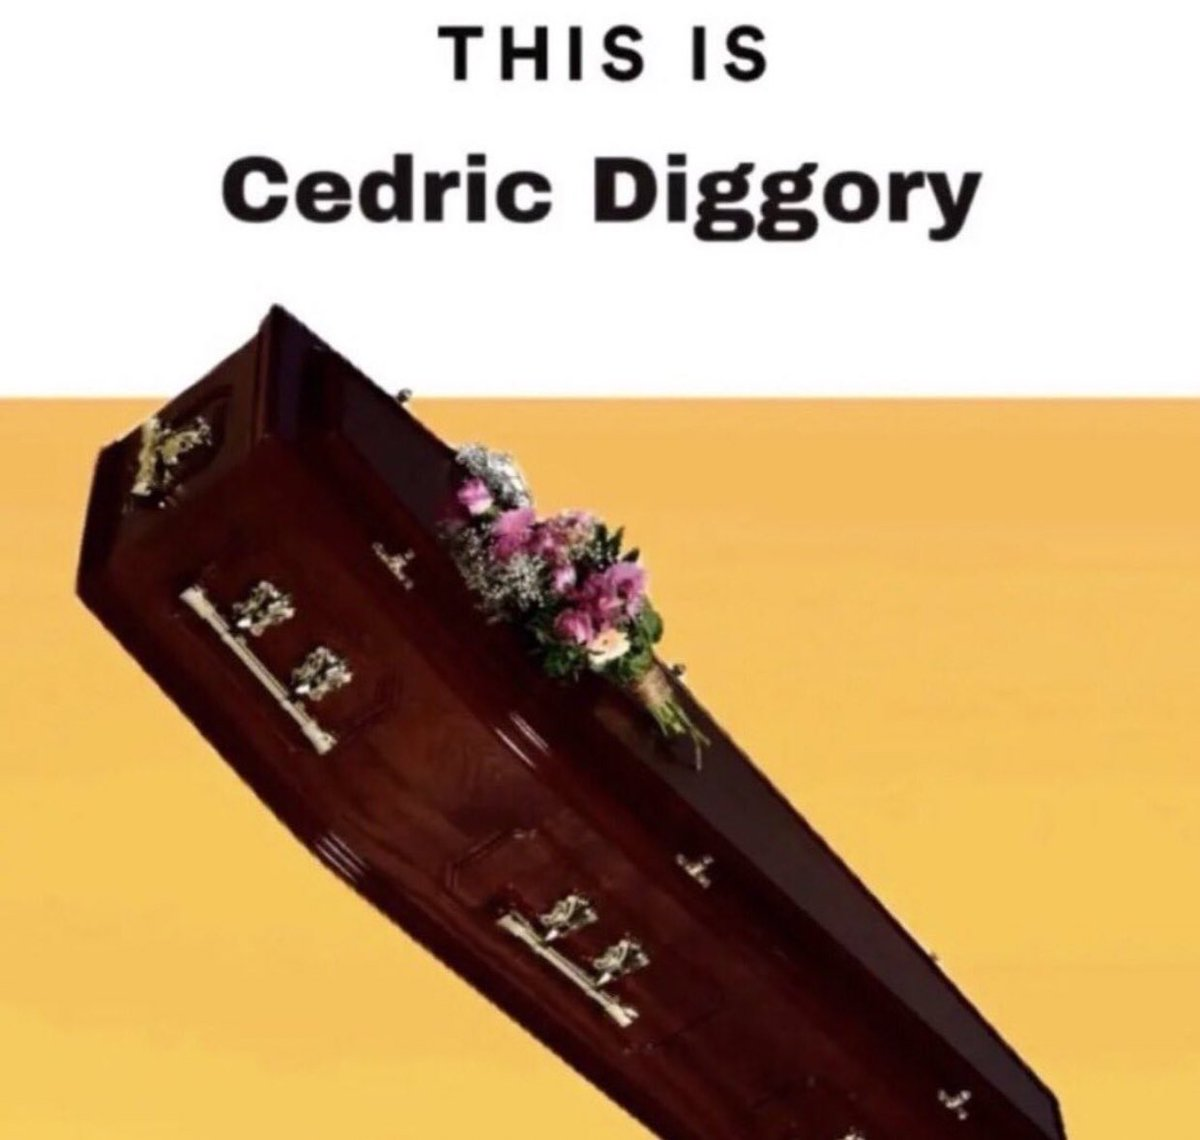 tl dead??  ...... https://t.co/OBVtUACgoZ